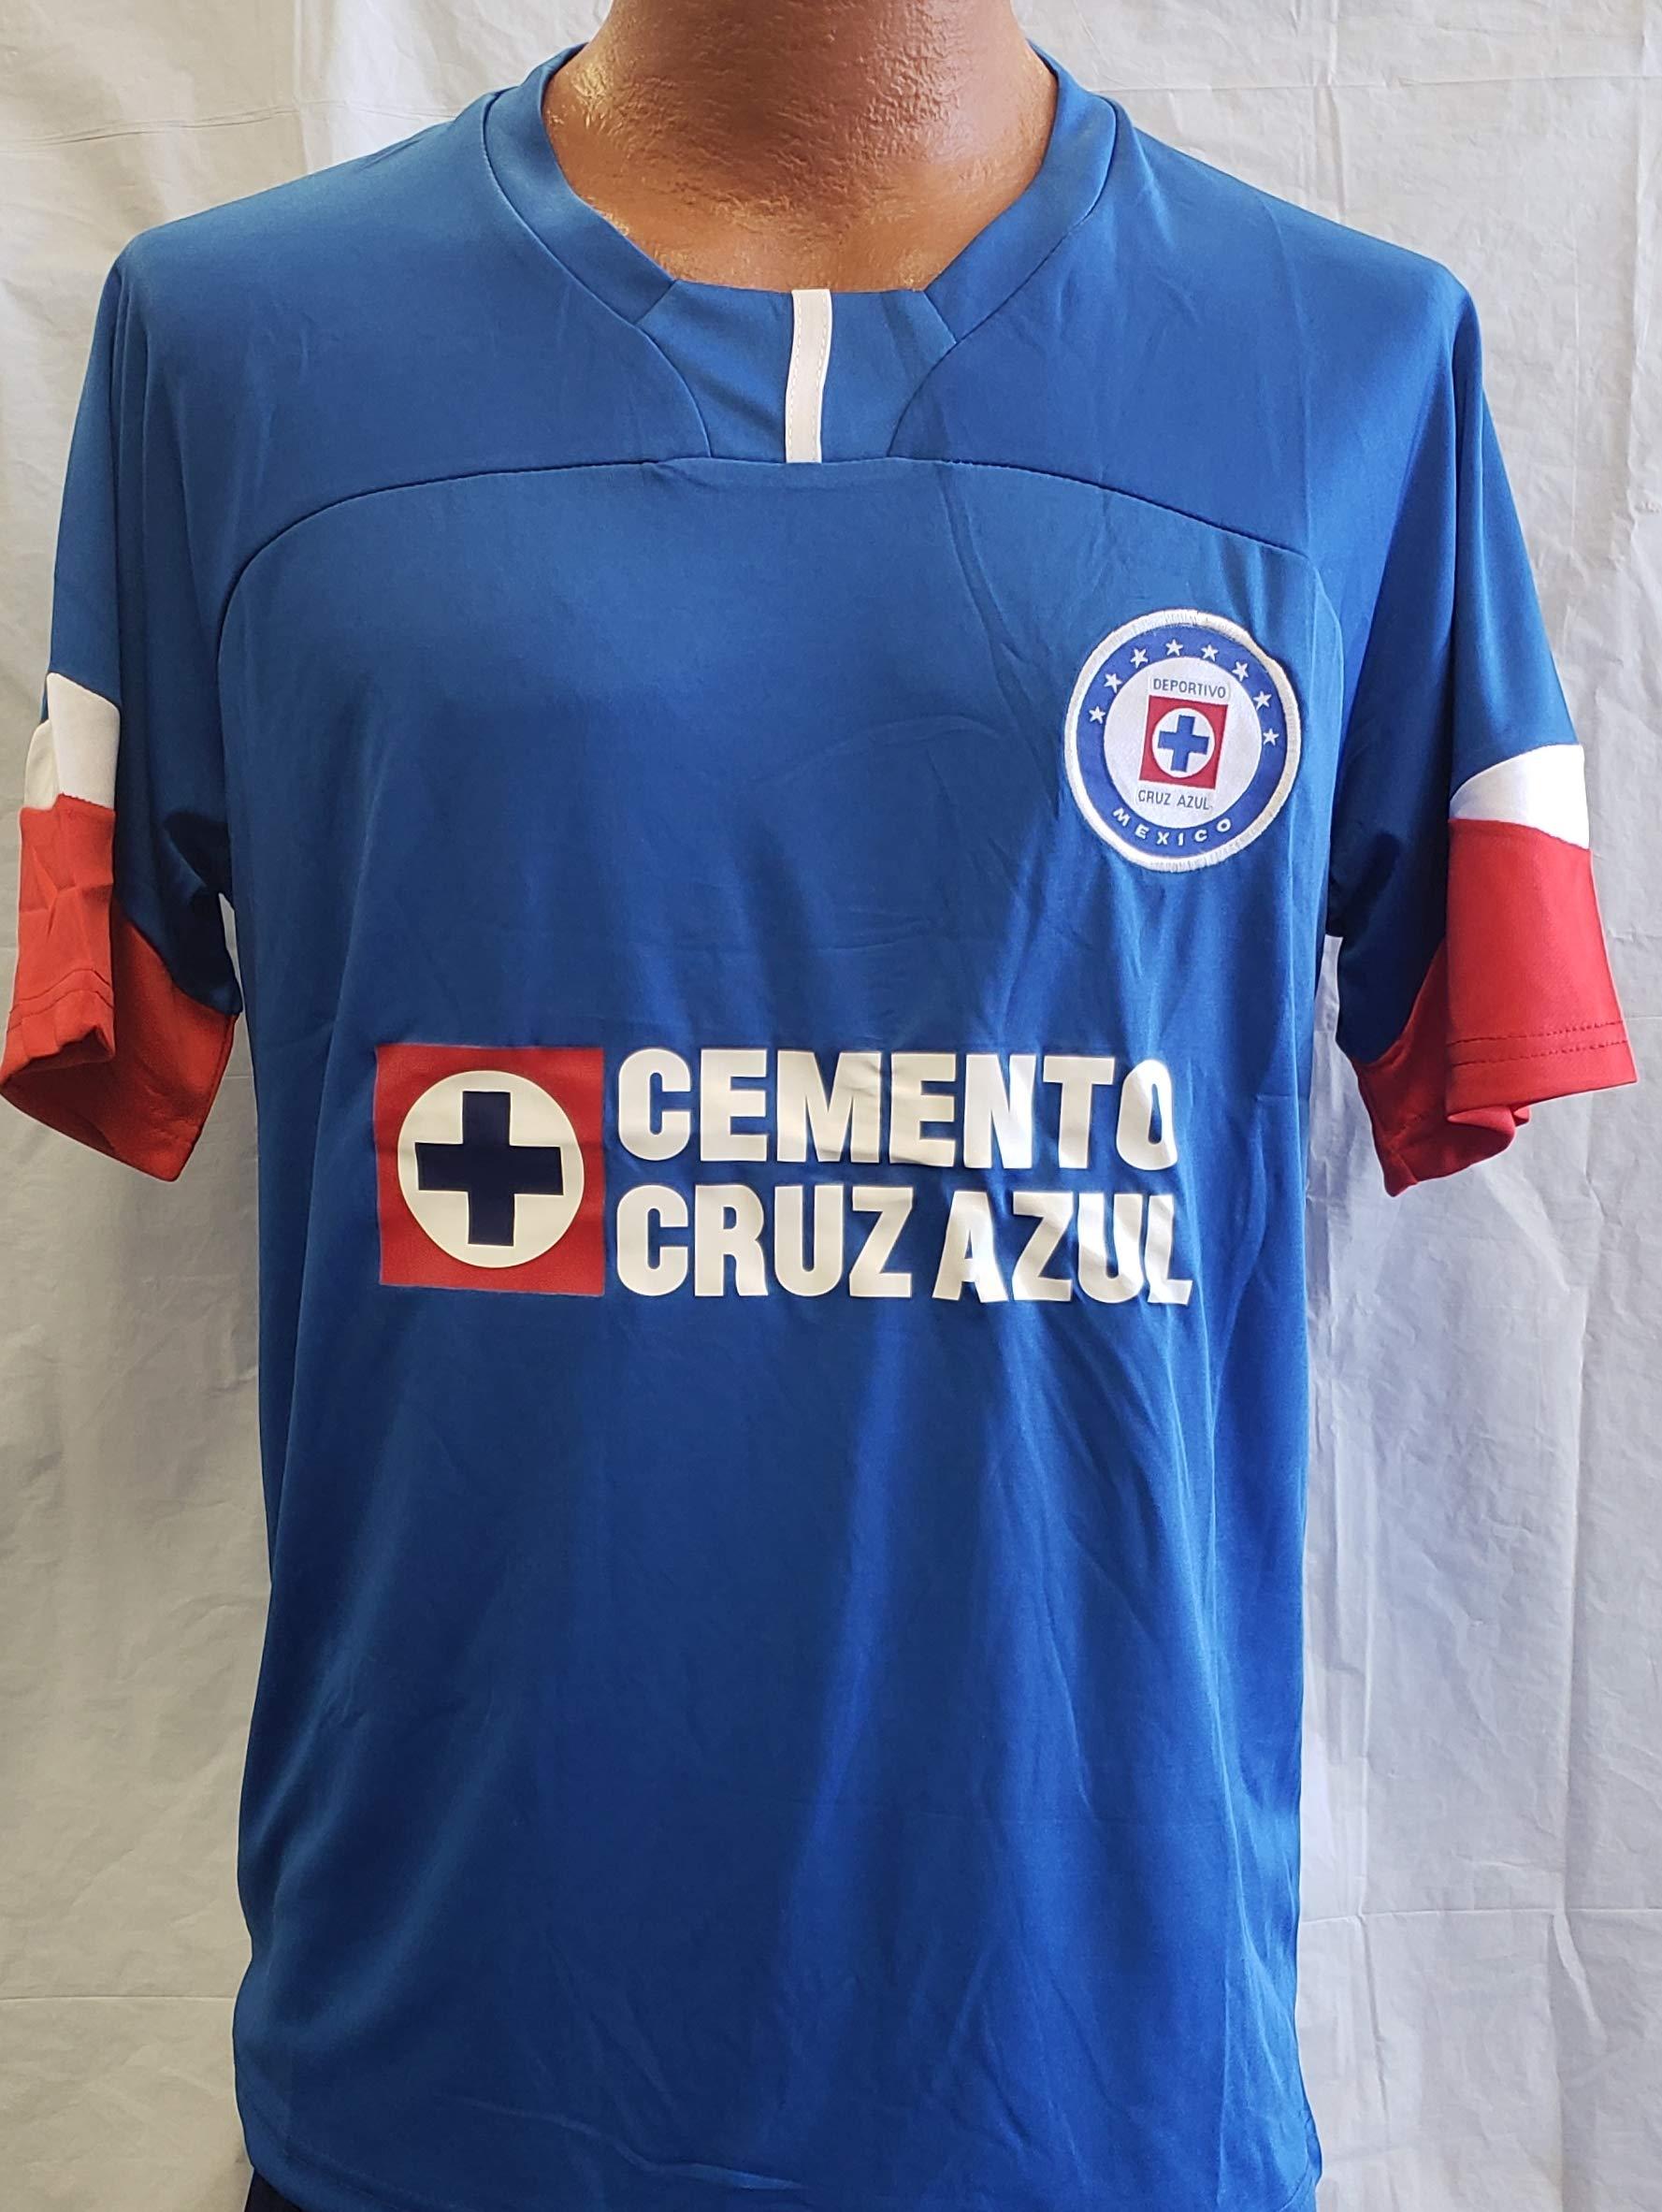 Sport New! La Maquina De Cruz Azul Generic Replica Jersey Adult Large 2018-19